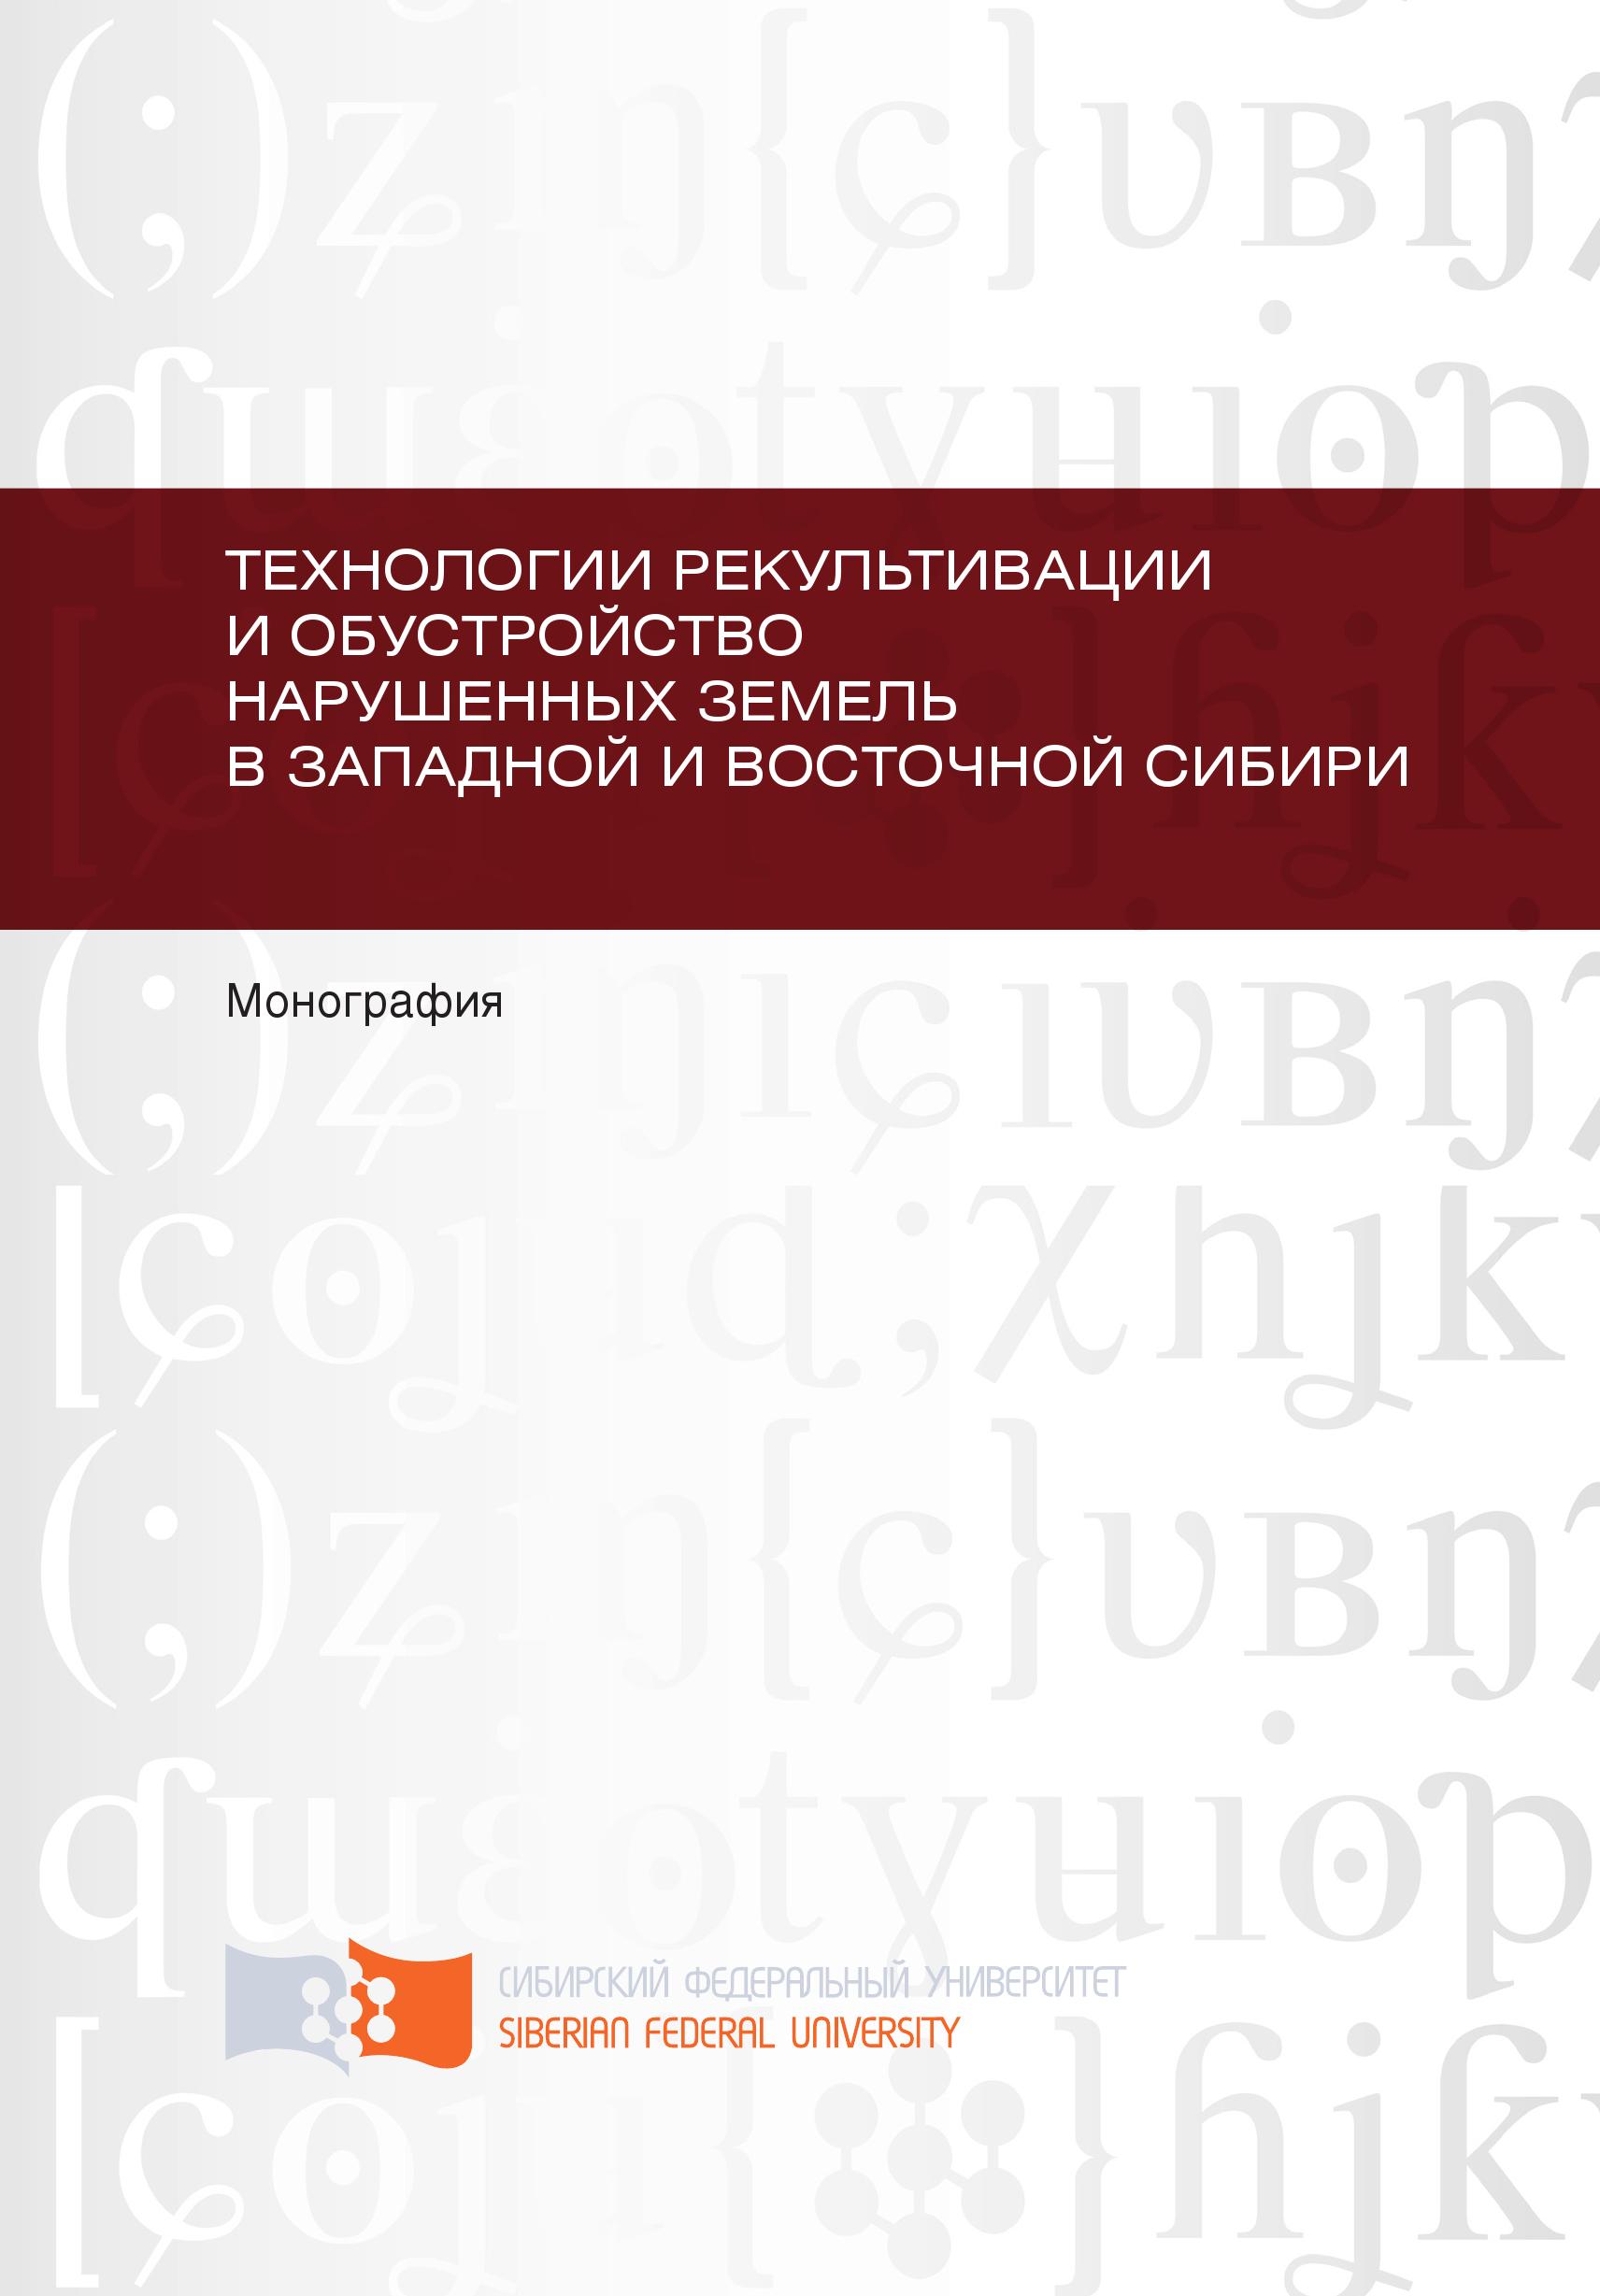 Илья Барадулин Технологии рекультивации и обустройство нарушенных земель в Западной Восточной Сибири